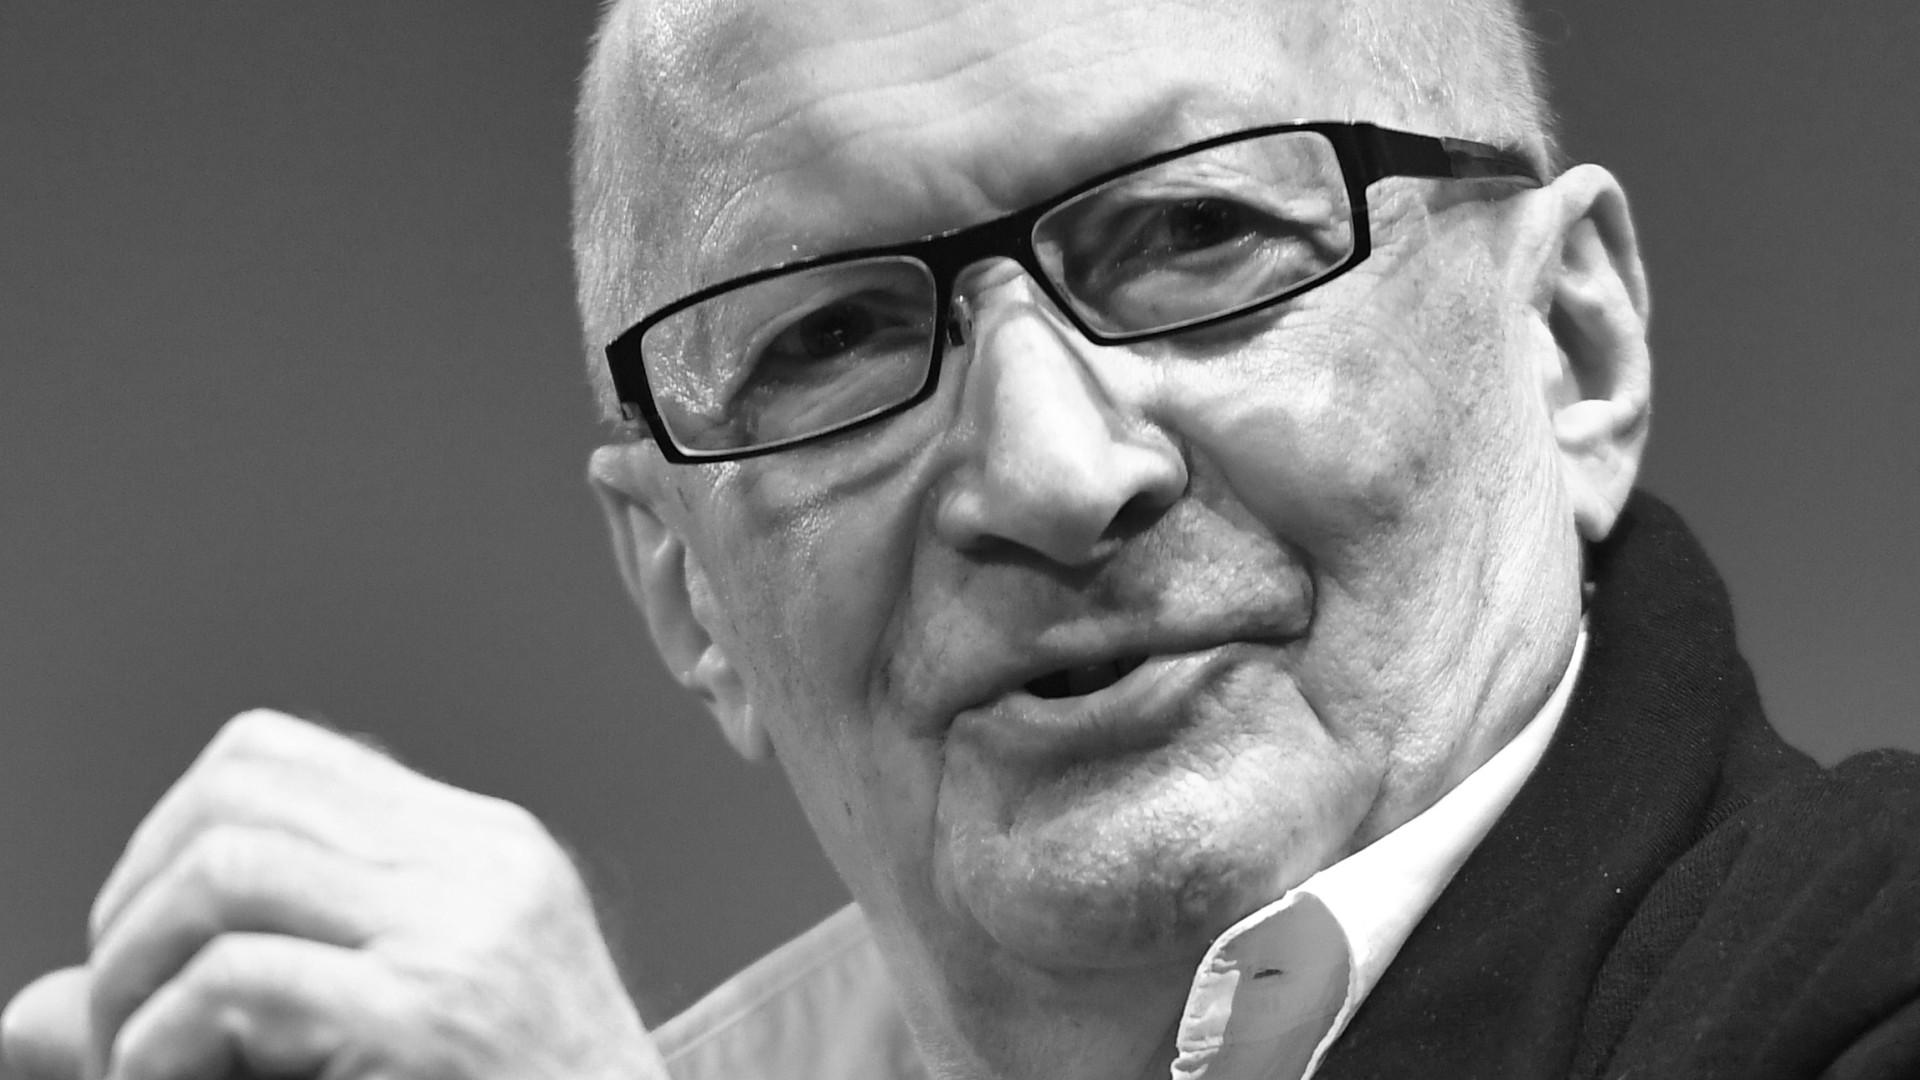 Nie żyje wybitny, polski aktor, Wojciech Pszoniak